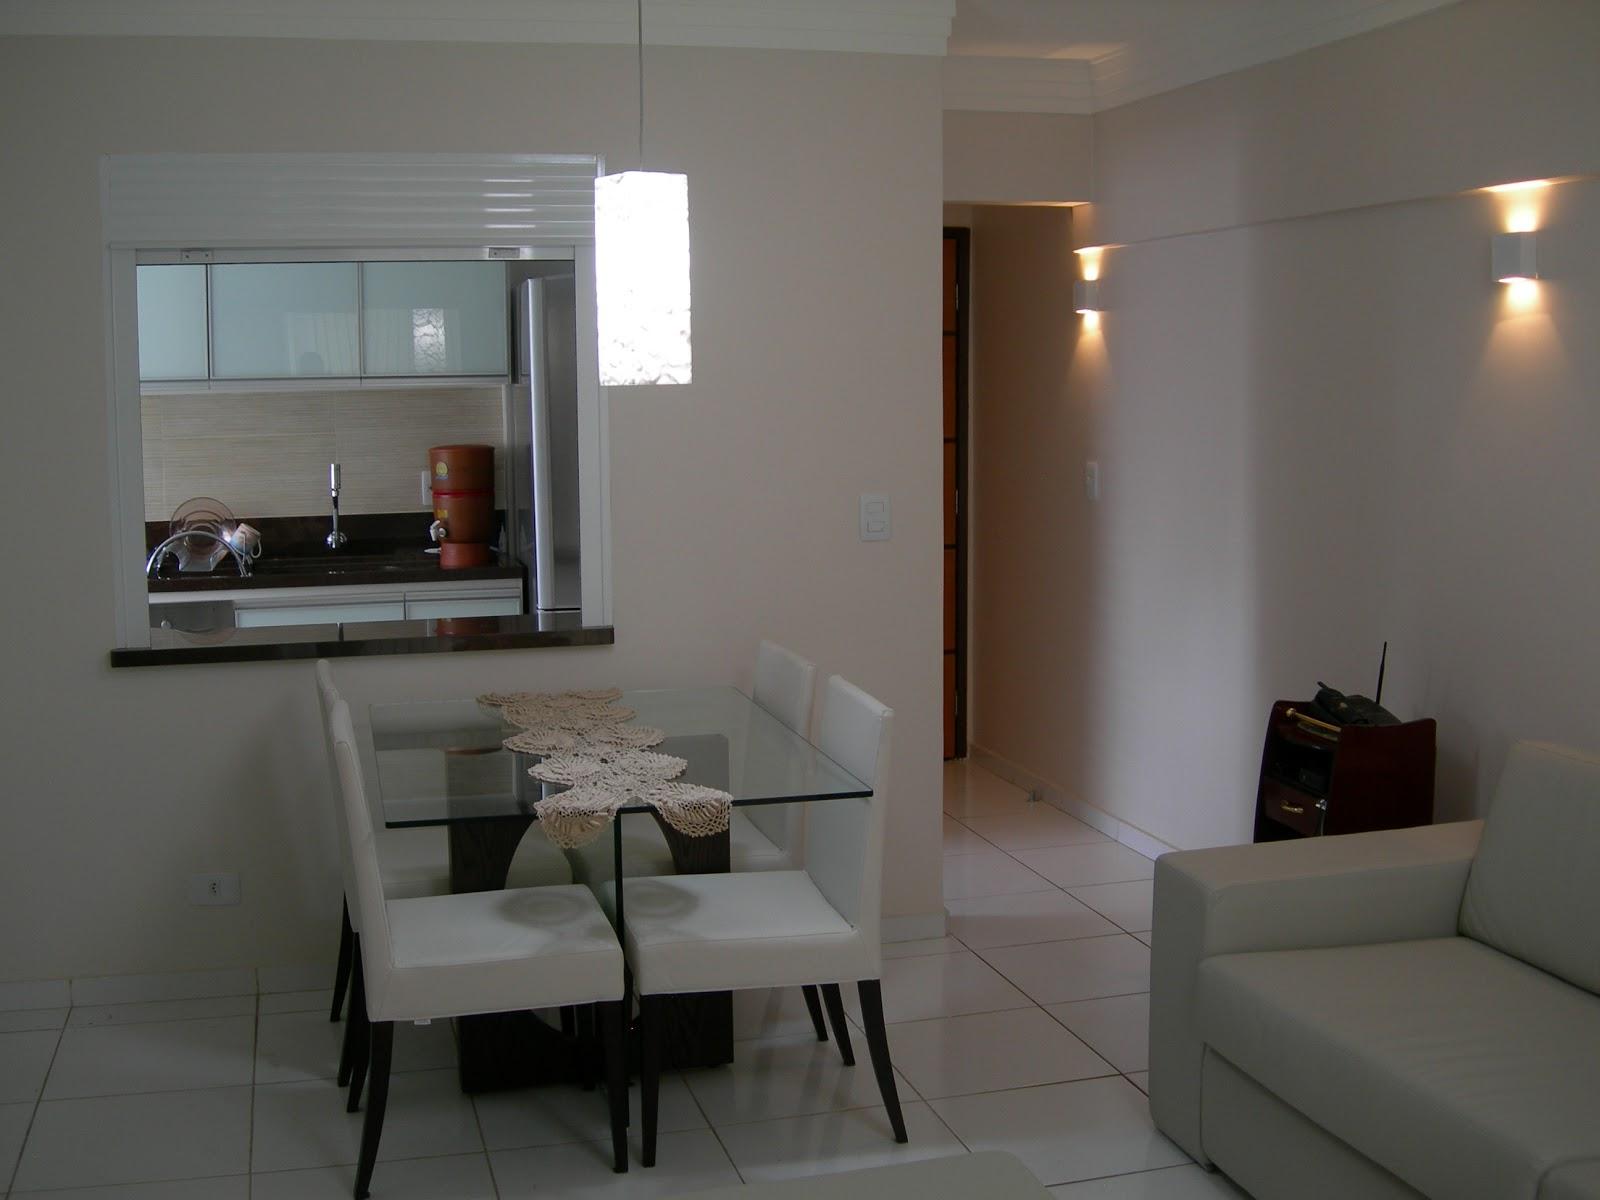 Arquitetura urbanismo e sustentabilidade reforma em apartamento no centro goi nia - Reformas de apartamentos ...